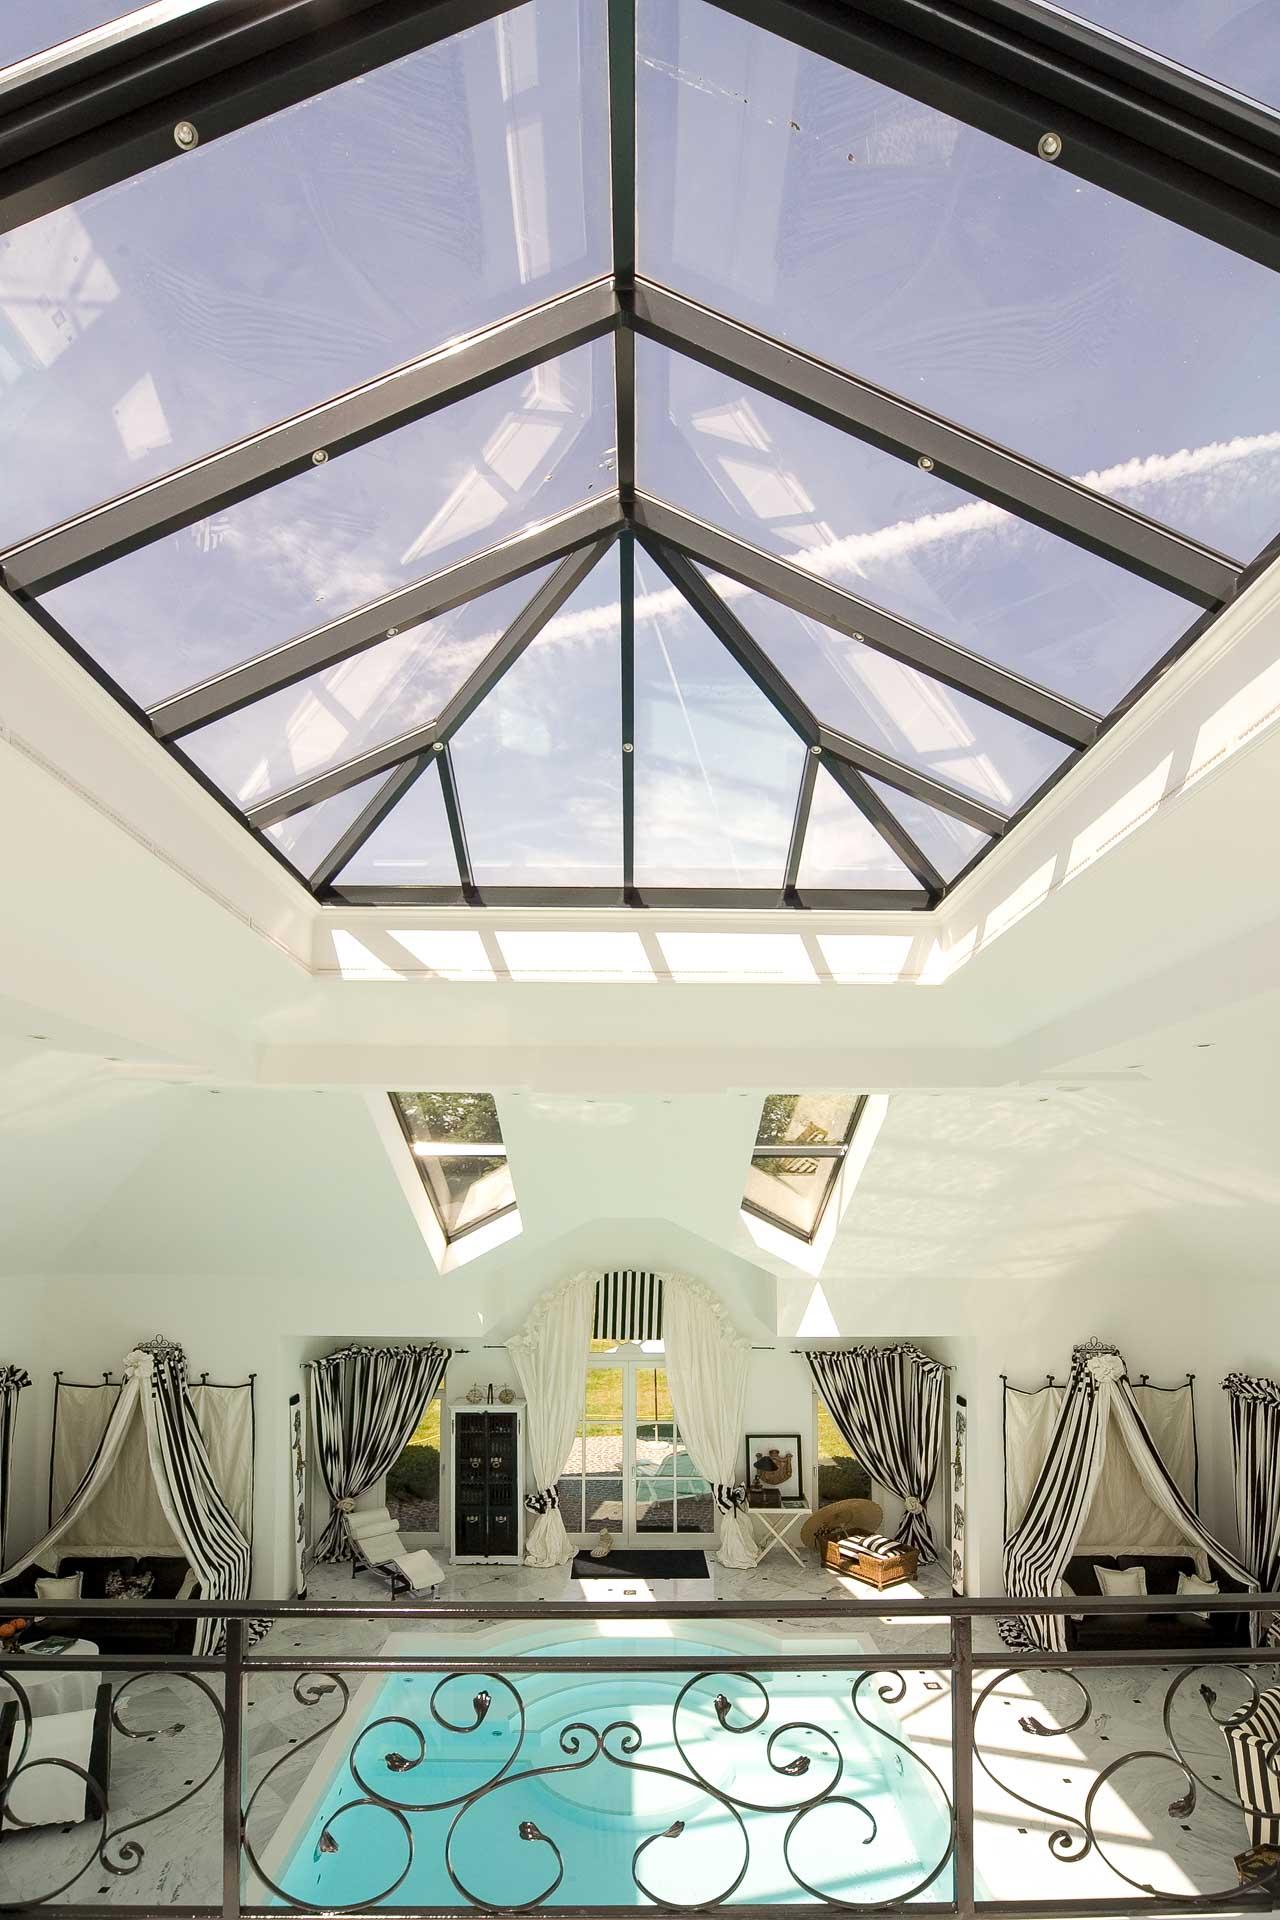 Schwimmbad-Lichtdach in Köln (Objekt 974). Die Freizeit und Wellness-Oase belichtet durch Dachfenster und Glas-Walmdach in Sunshine Lichtdach-Technik